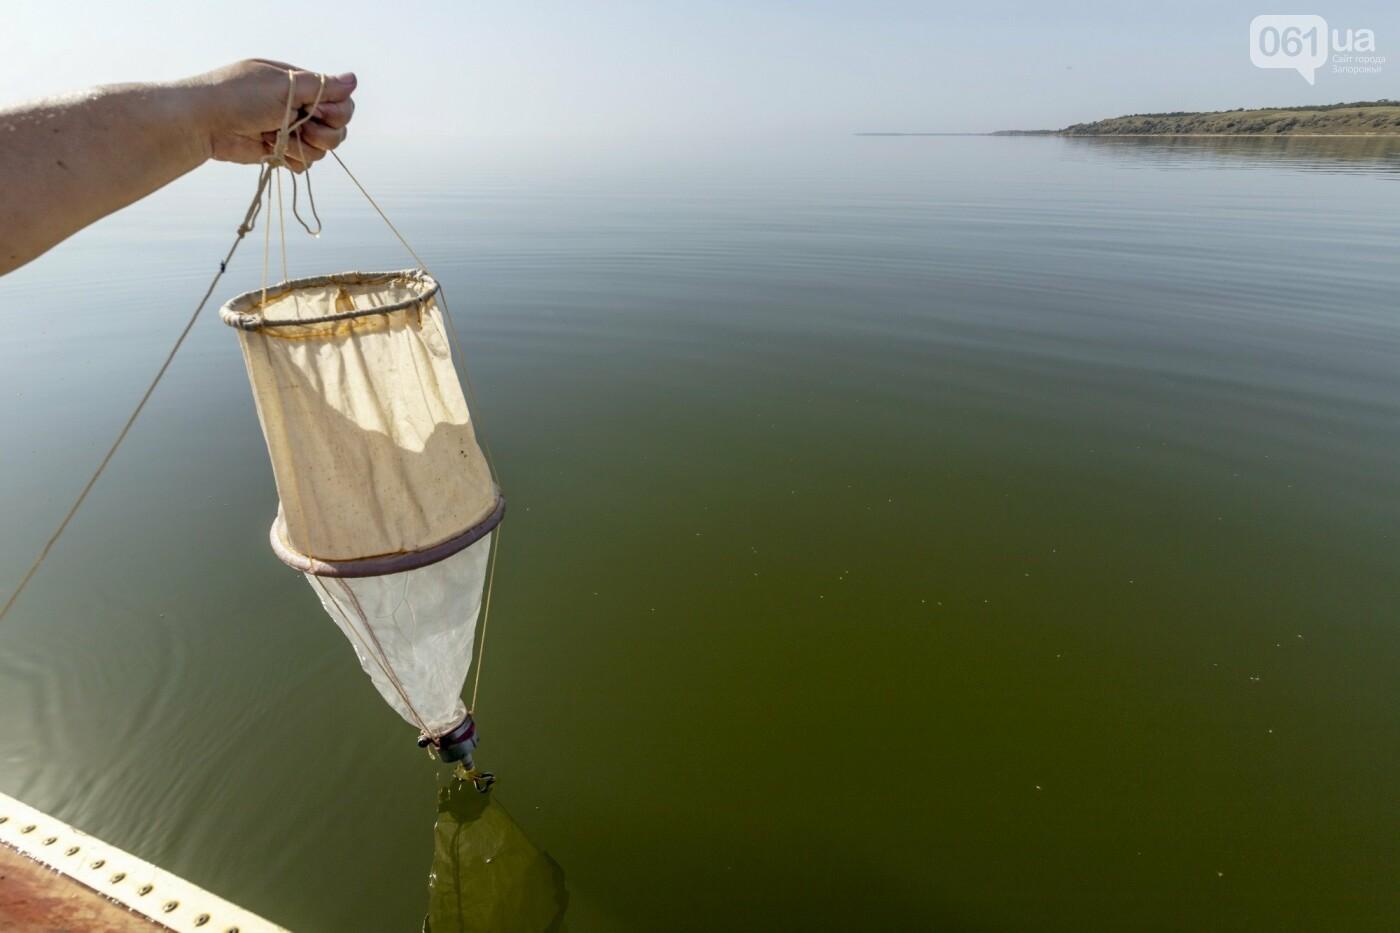 Специалисты исследовали водную фауну Молочного лимана - какие виды доминируют , фото-4